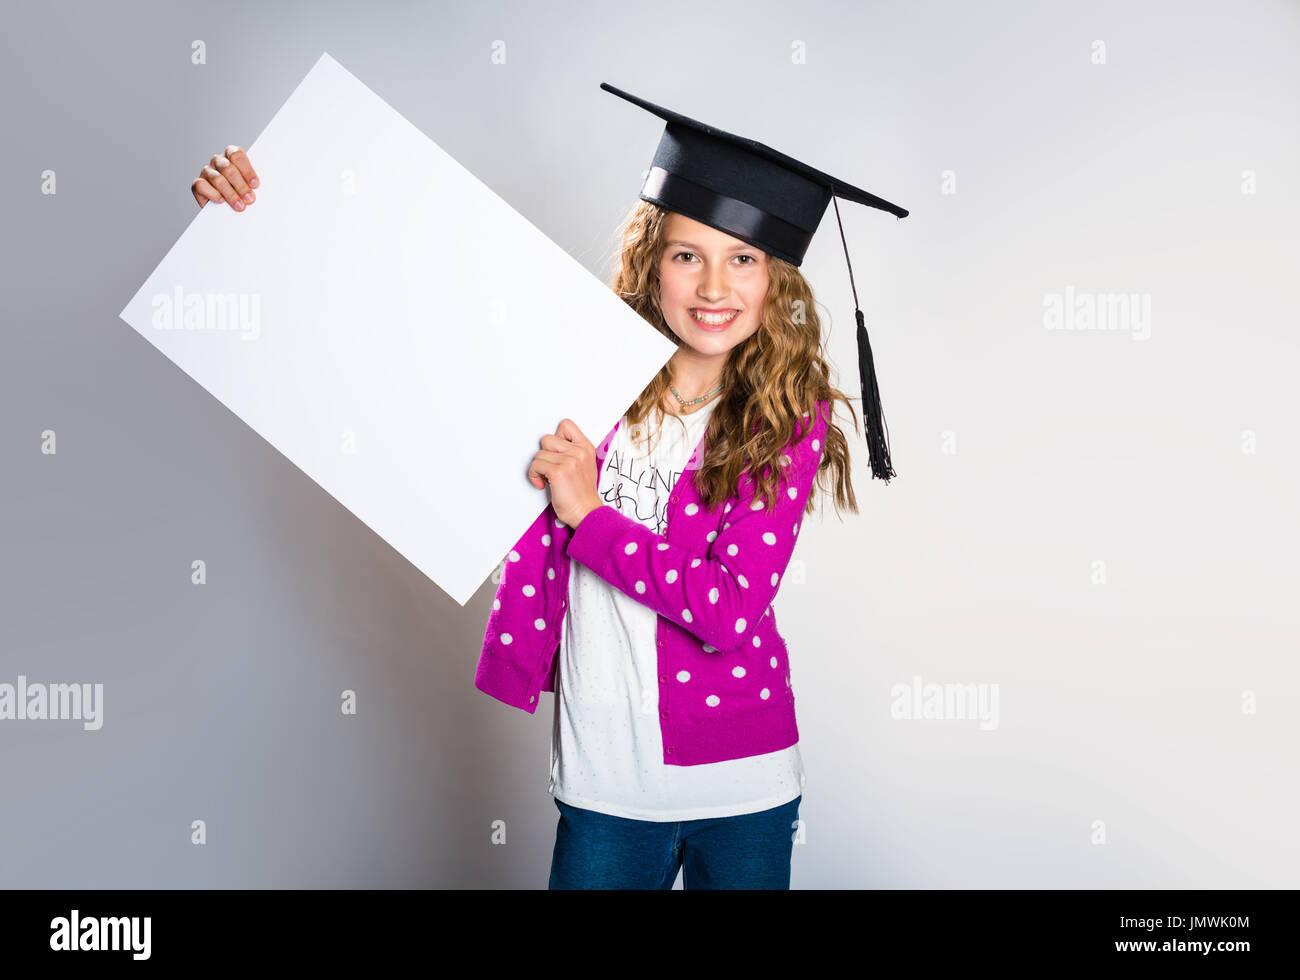 Feliz chica con un mensaje promocional Imagen De Stock